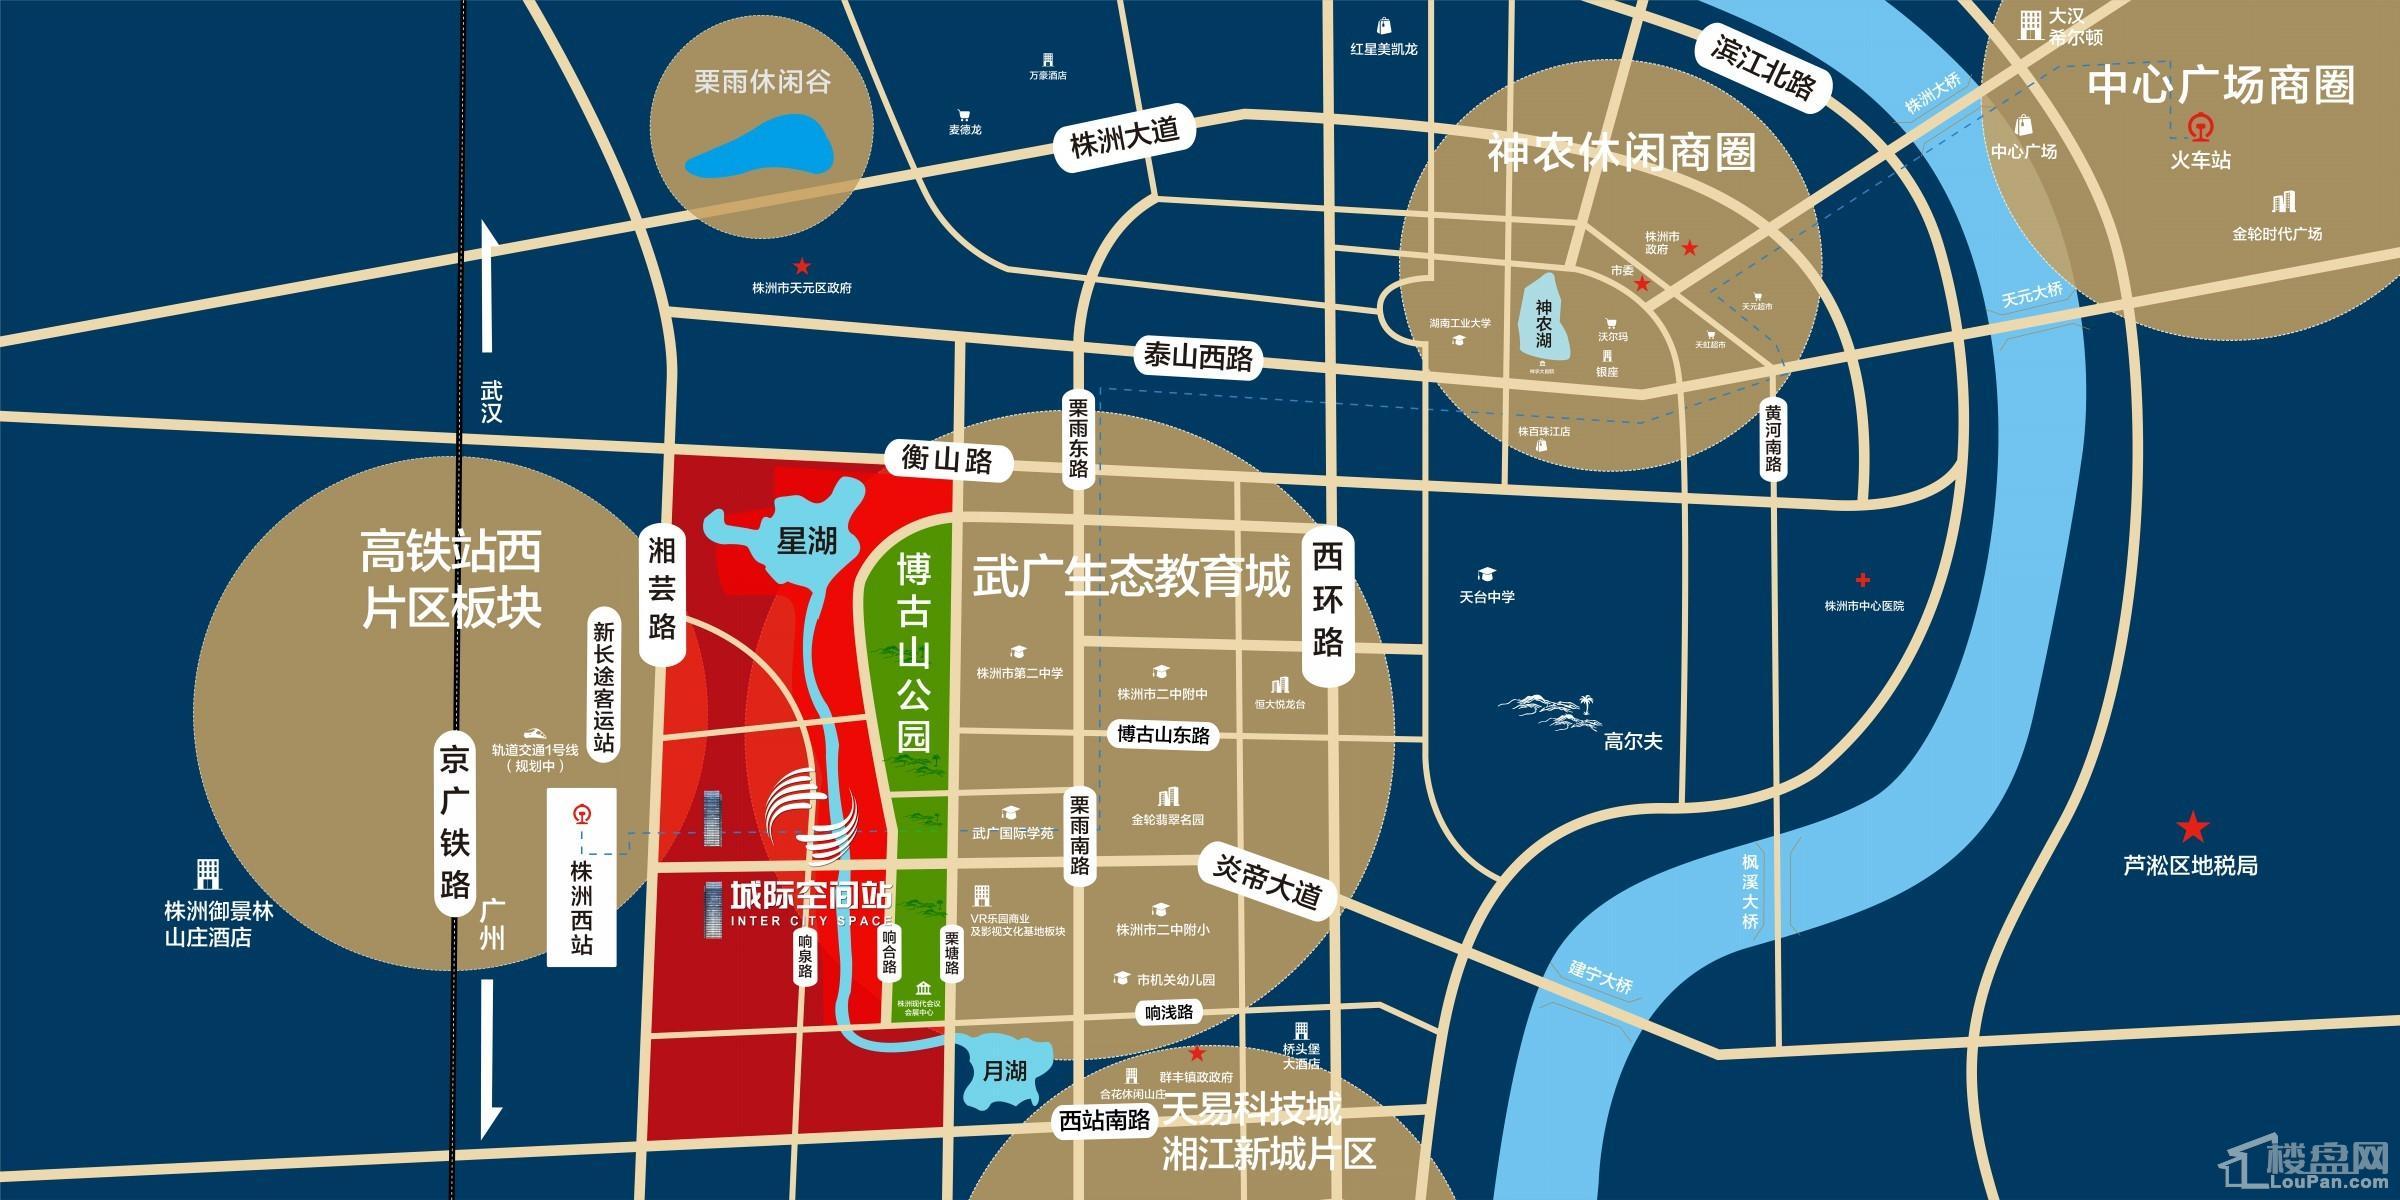 绿地城际空间站位置图